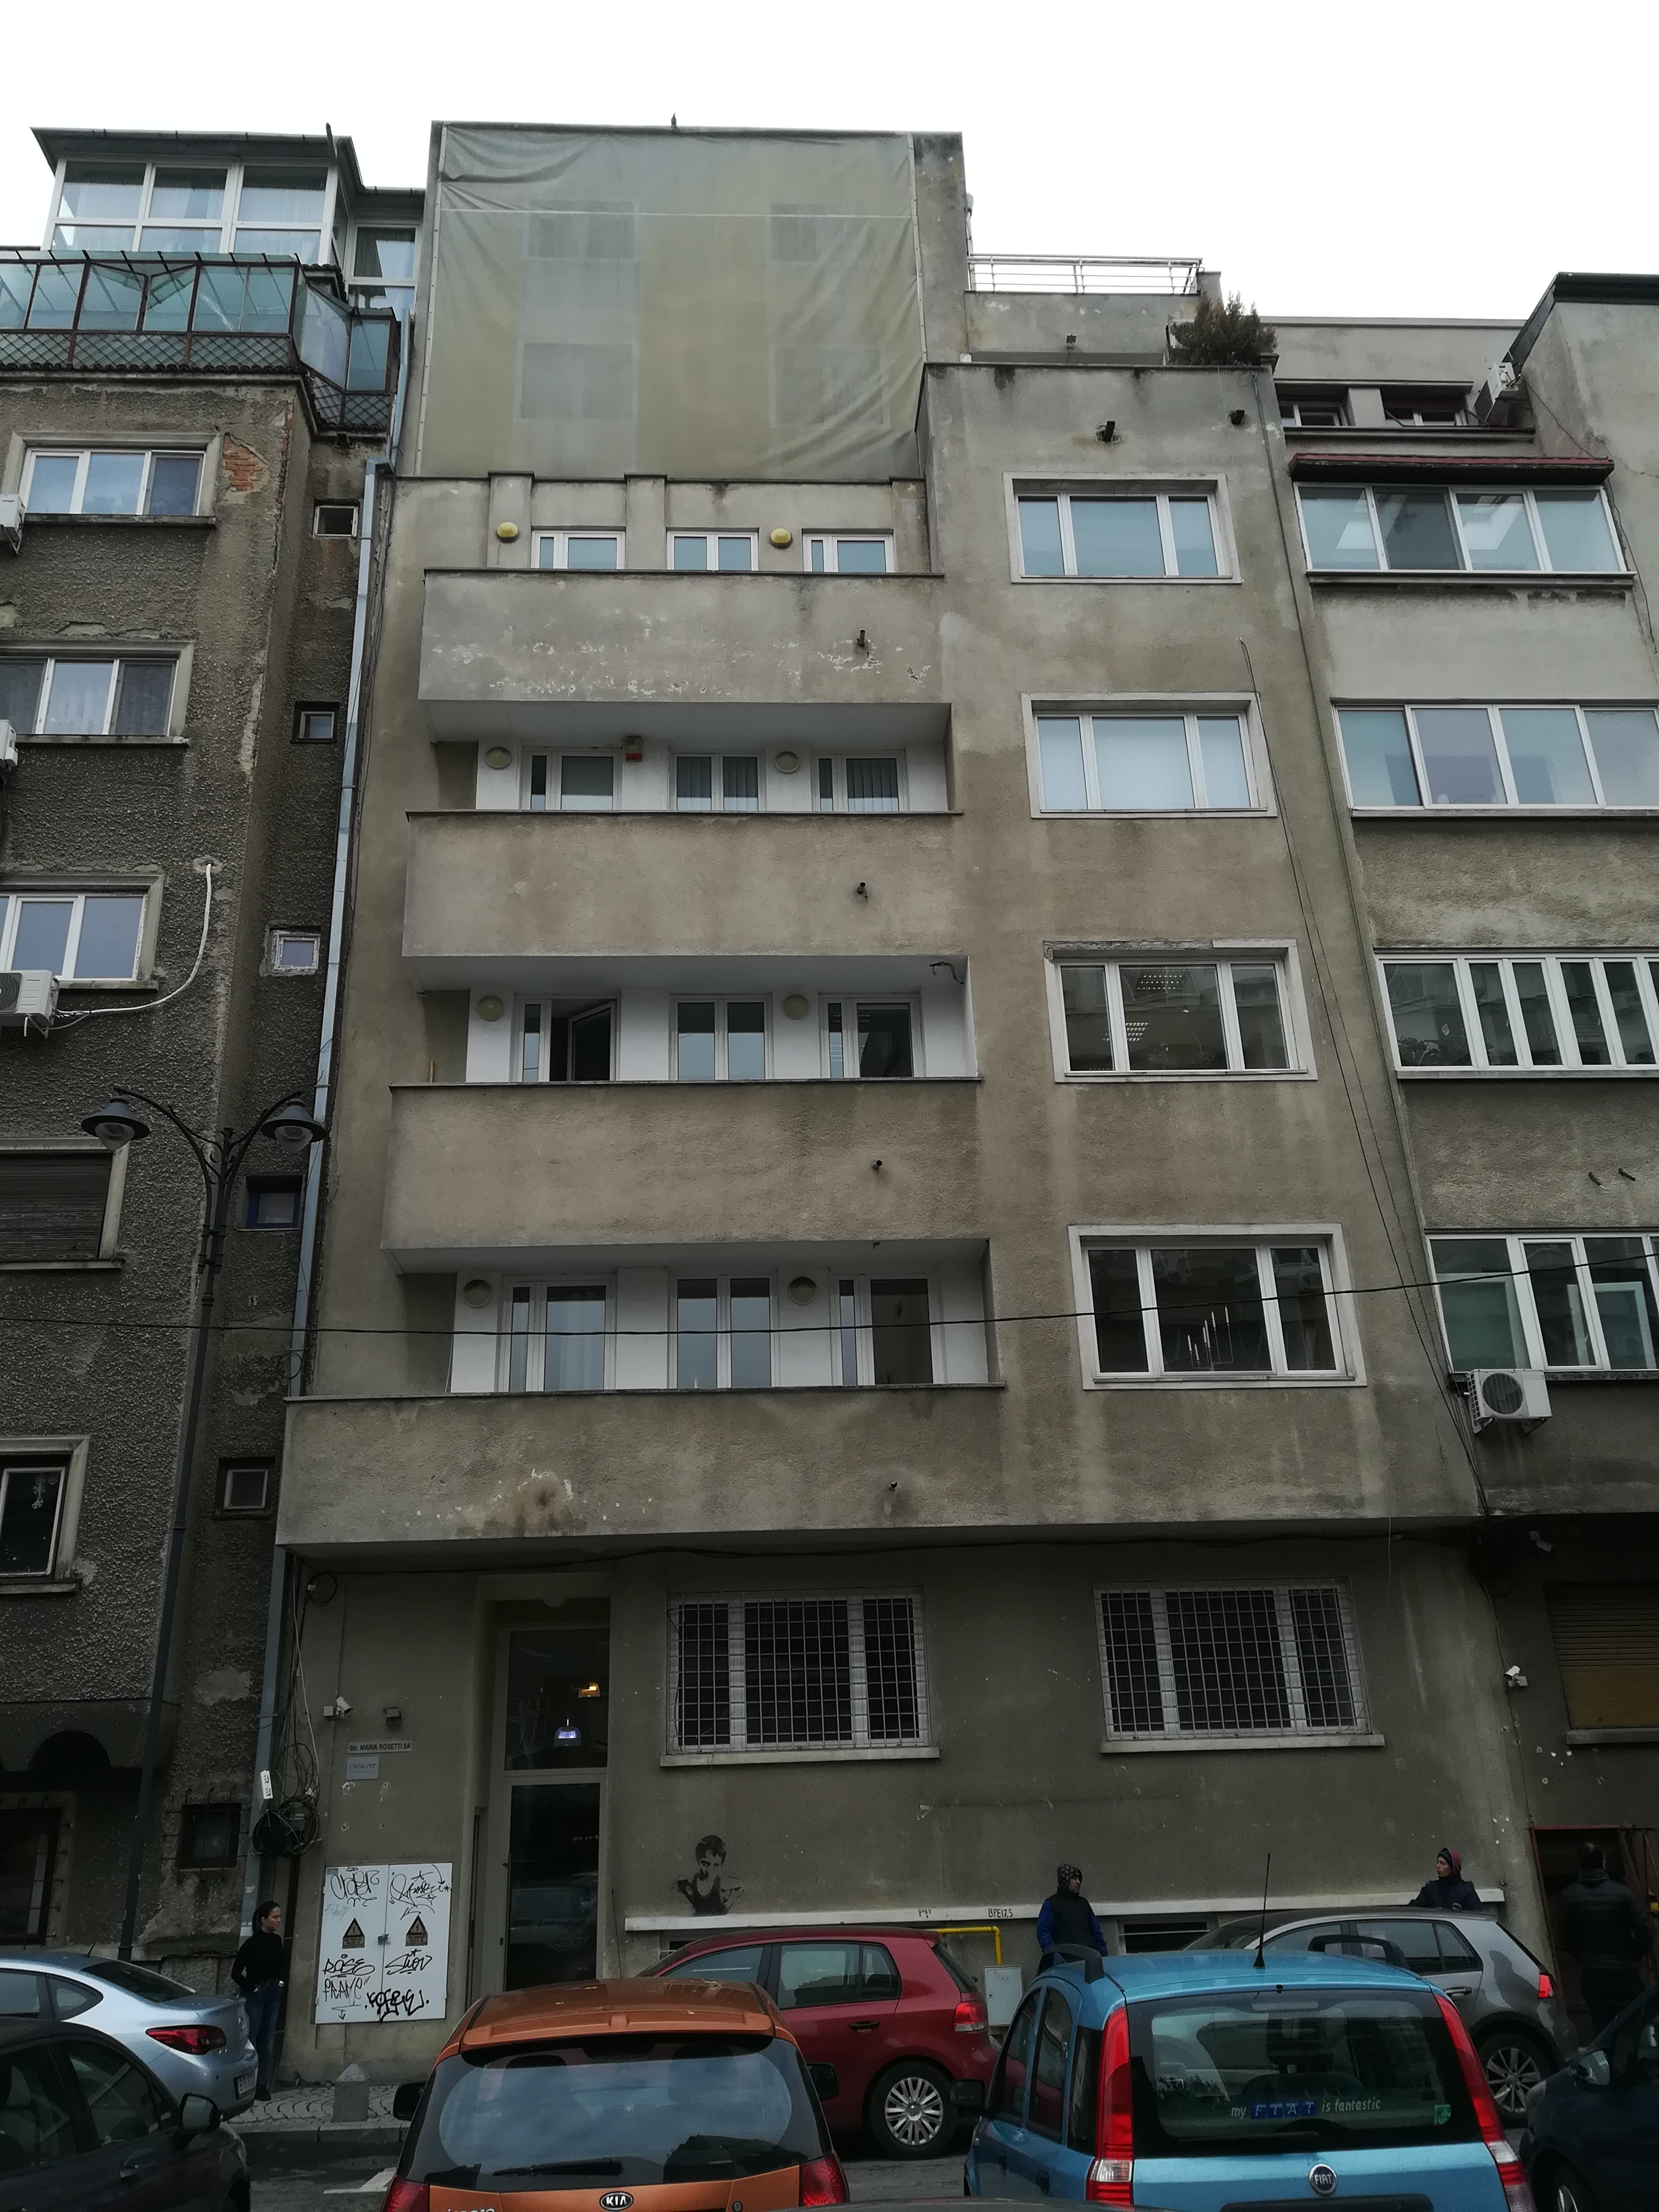 Imobil situat în București, str. Maria Rosetti nr. 8A